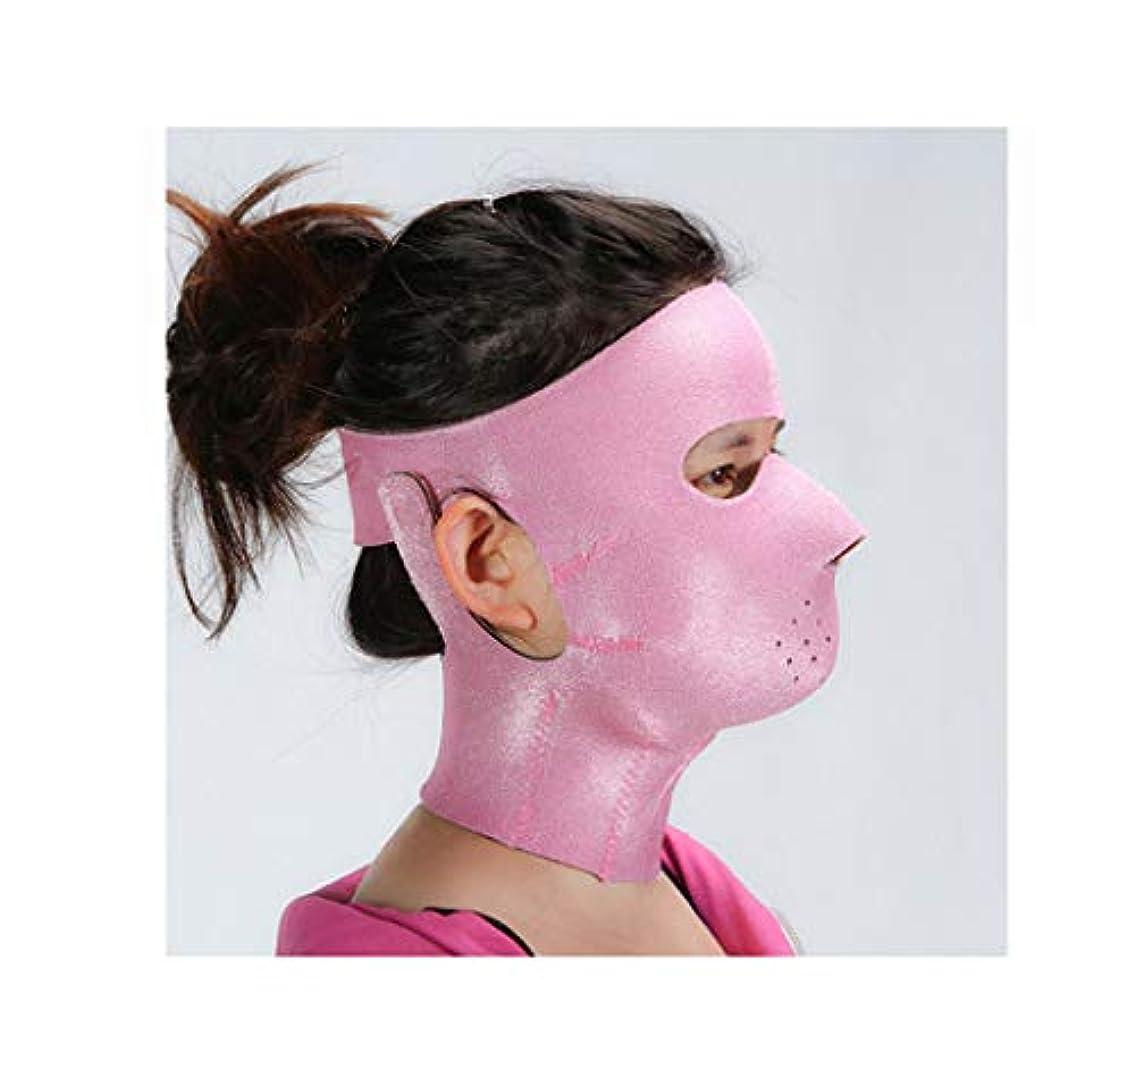 ペナルティペリスコープマーティフィールディングGLJJQMY 薄い顔マスクマスクプラス薄いマスク引き締めアンチエイジング薄いマスク顔の薄い顔マスクアーティファクト美容ネックバンド 顔用整形マスク